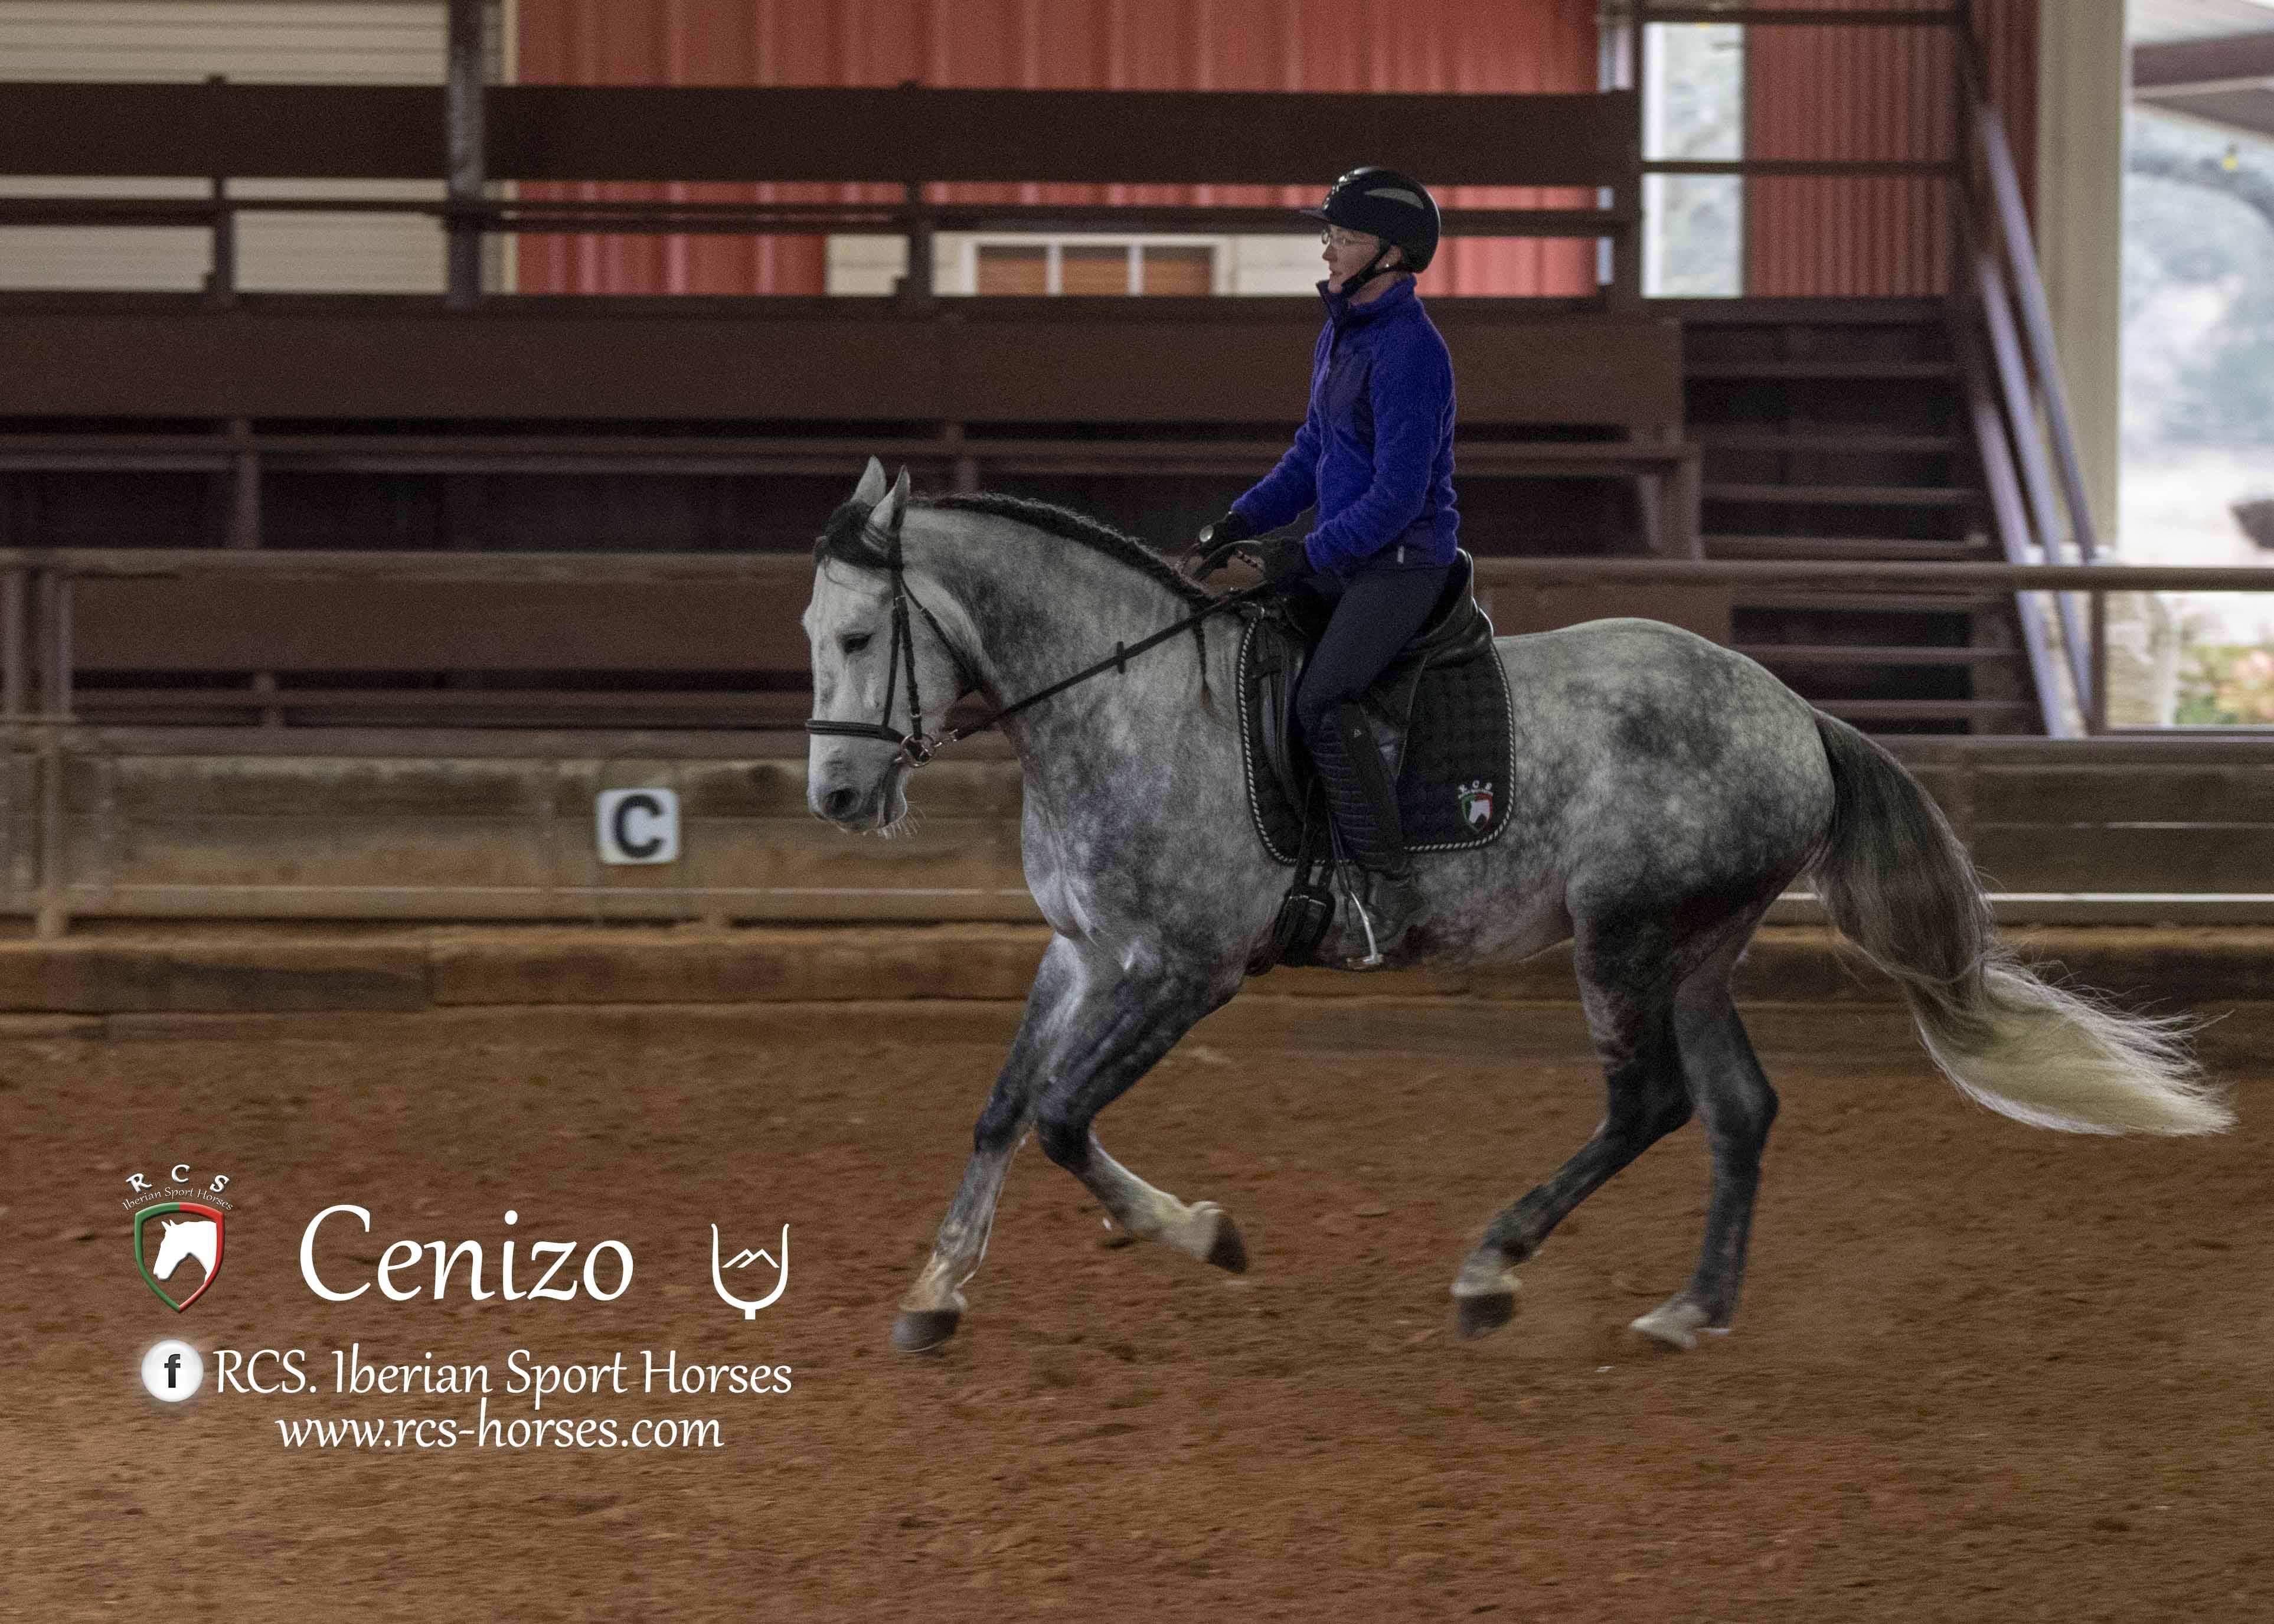 Cenizo